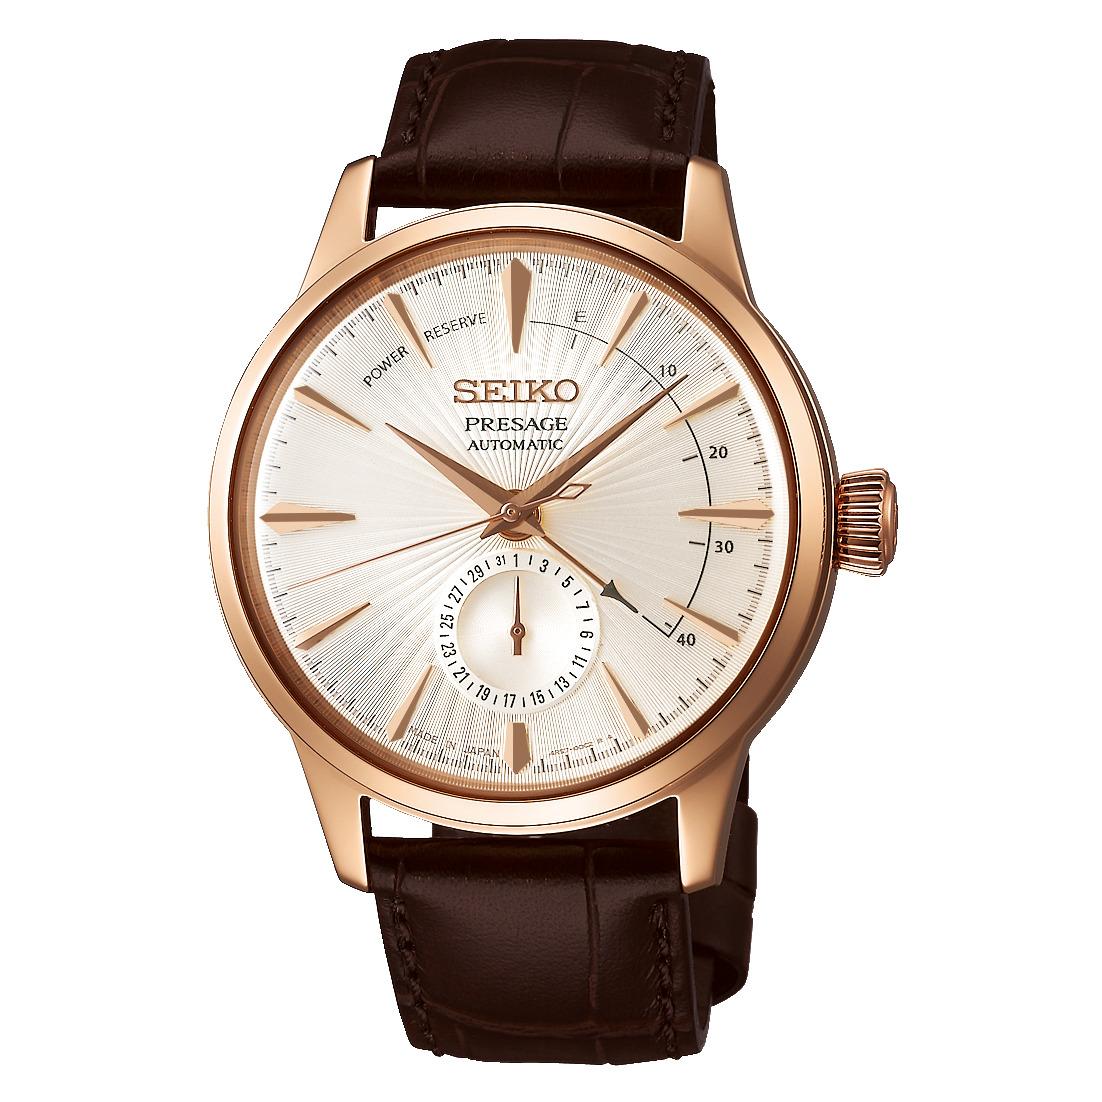 プレザージュ PRESAGE セイコー SEIKO SARY132 ベーシックライン 正規品 腕時計